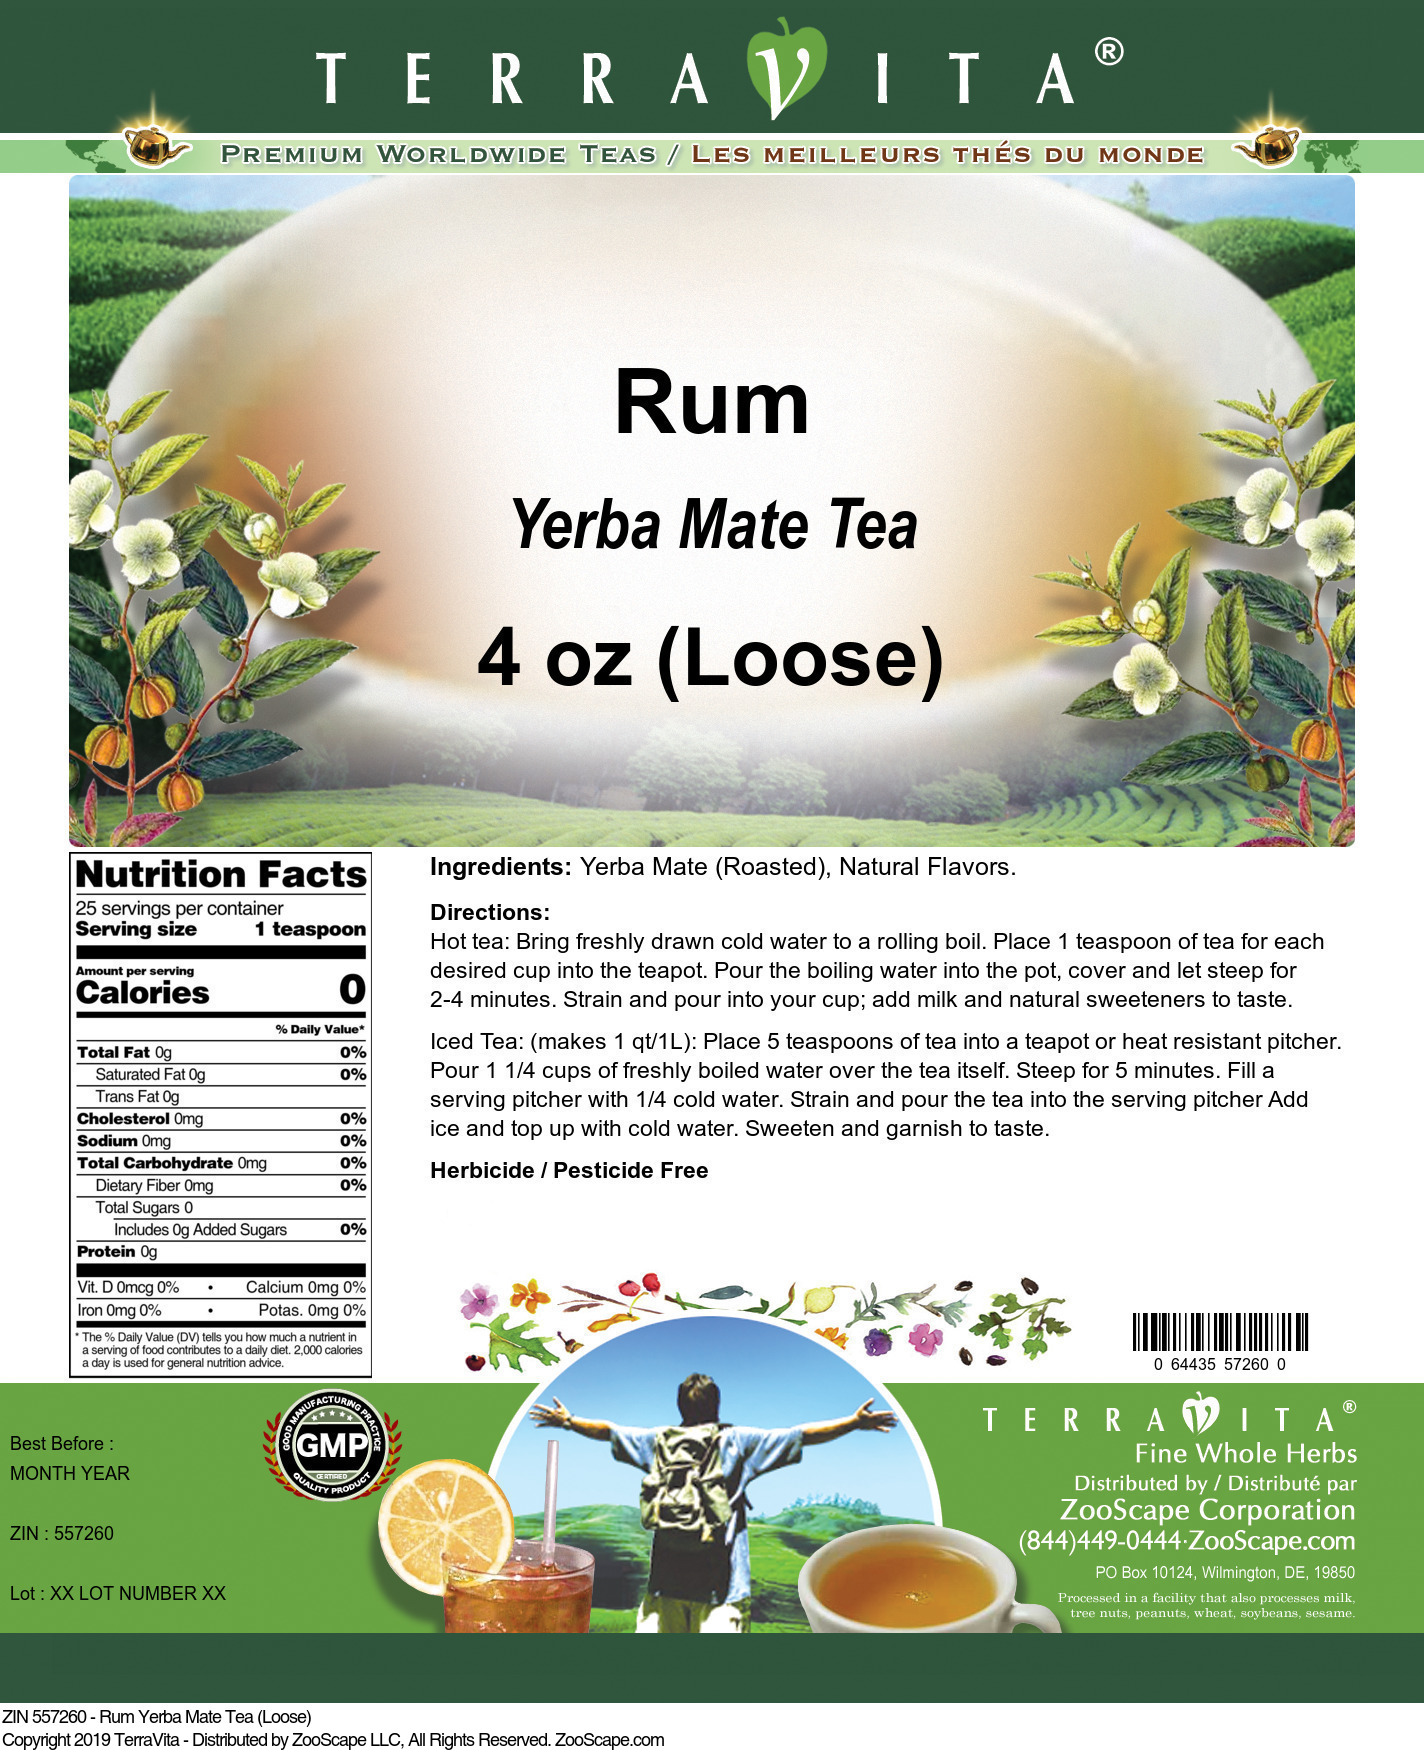 Rum Yerba Mate